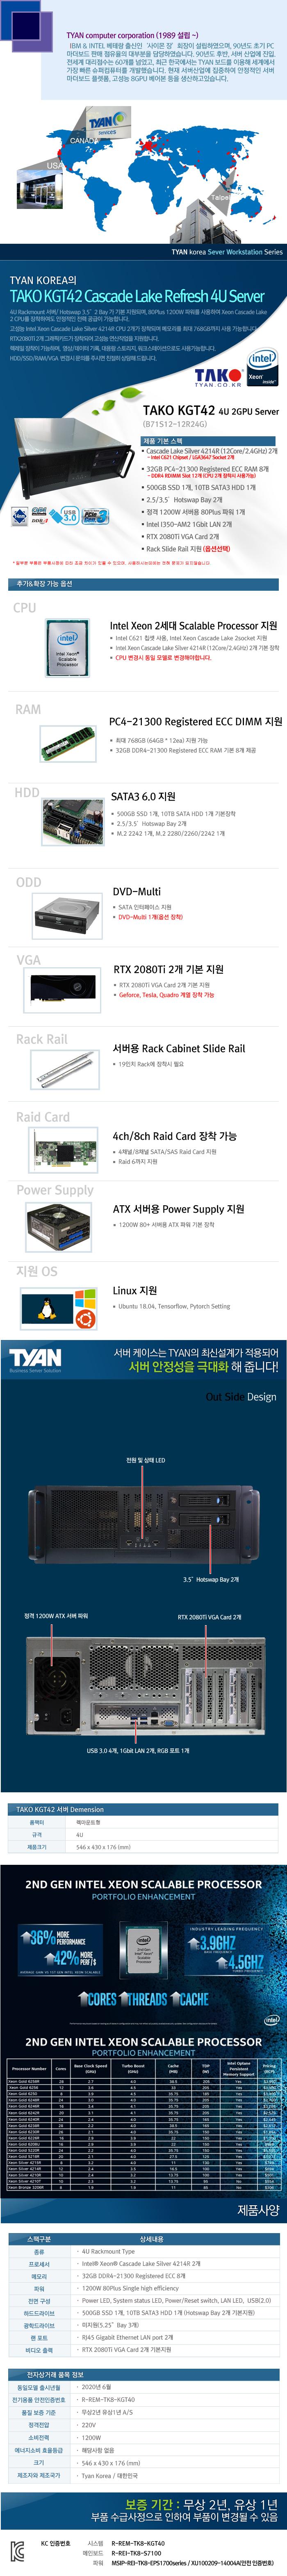 TYAN TAKO-KGT42-(B71S12-12R24G) 2GPU (256GB, SSD 500GB + 10TB)